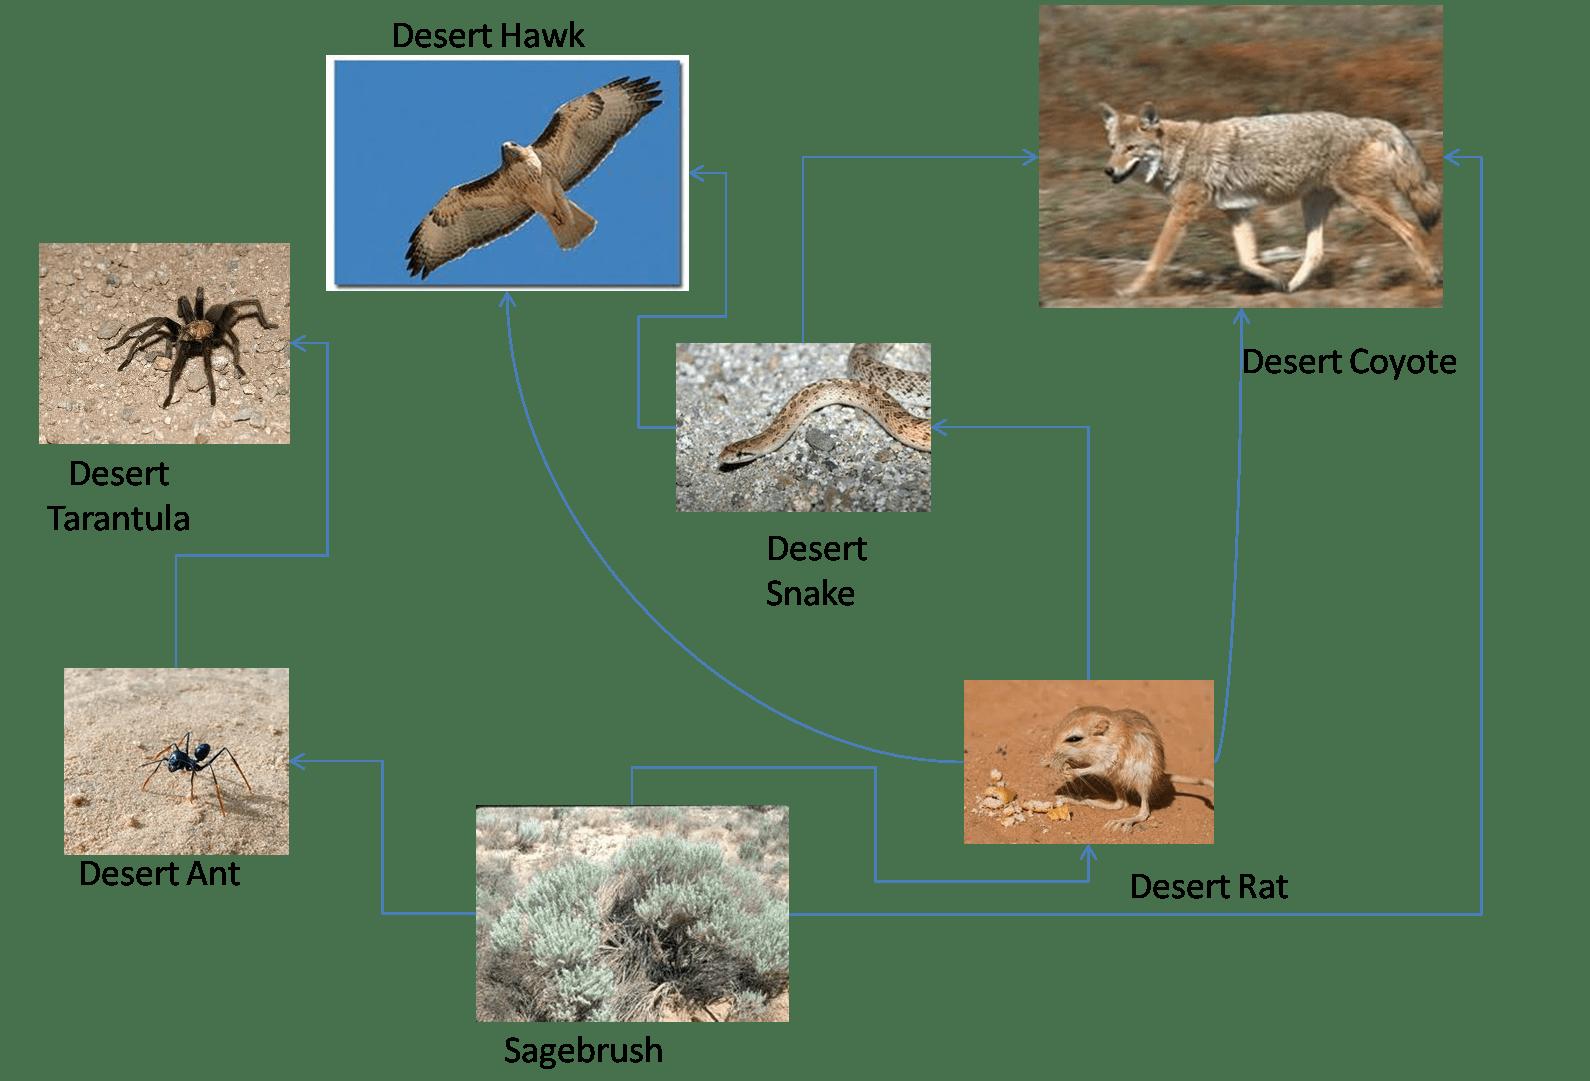 apassionforscience / 1E1_2012 Group 8 - Desert